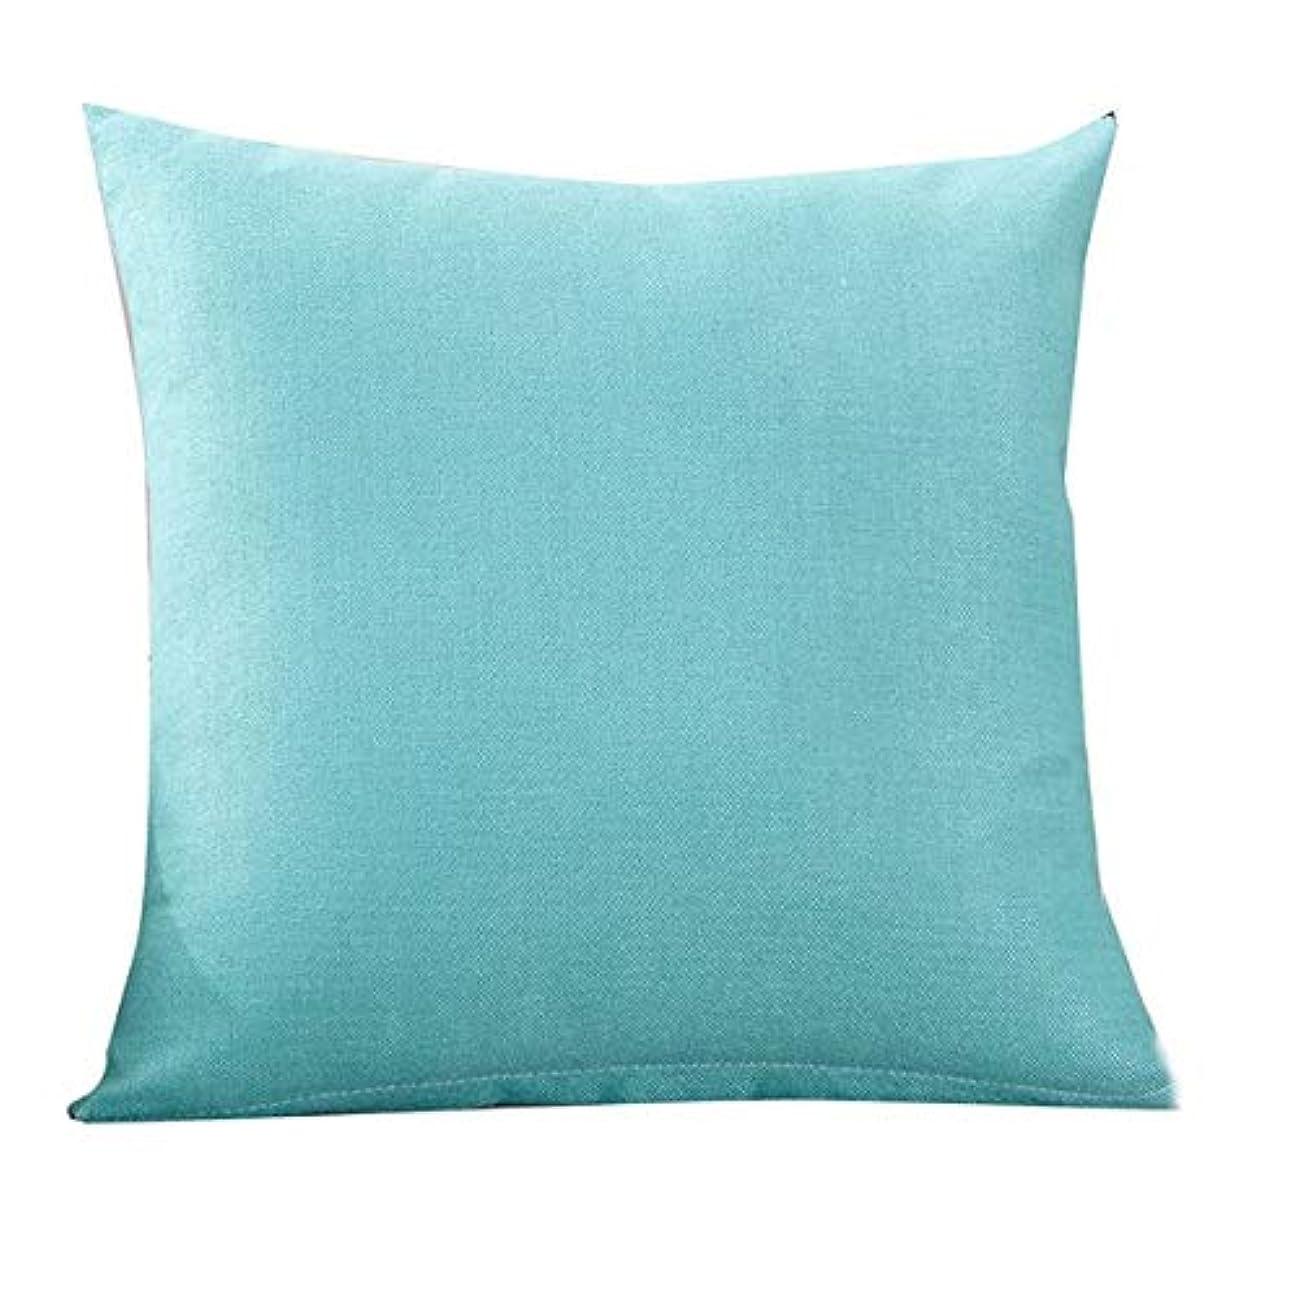 入手します暖炉アークLIFE クリエイティブシンプルなファッションスロー枕クッションカフェソファクッションのホームインテリア z0403# G20 クッション 椅子